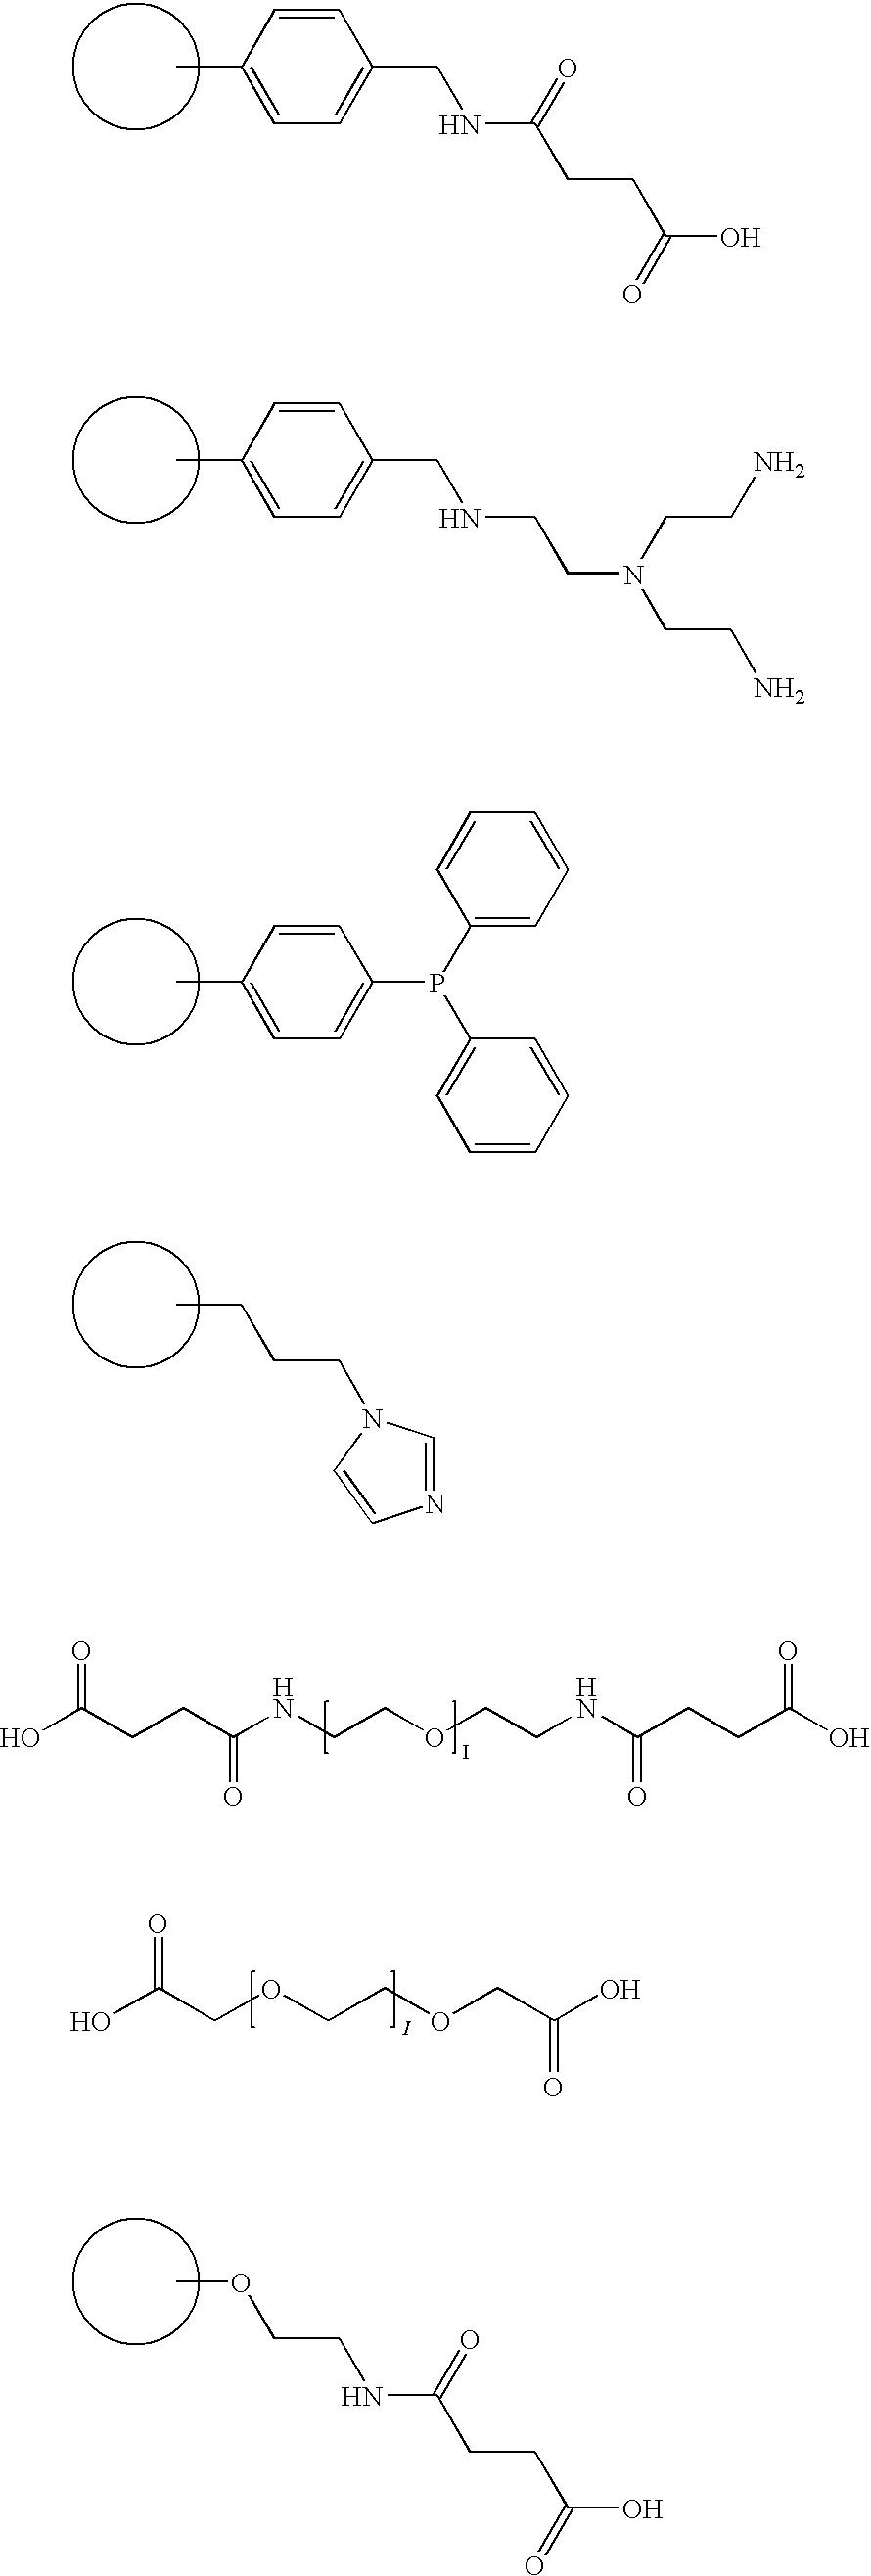 Figure US07625642-20091201-C00020